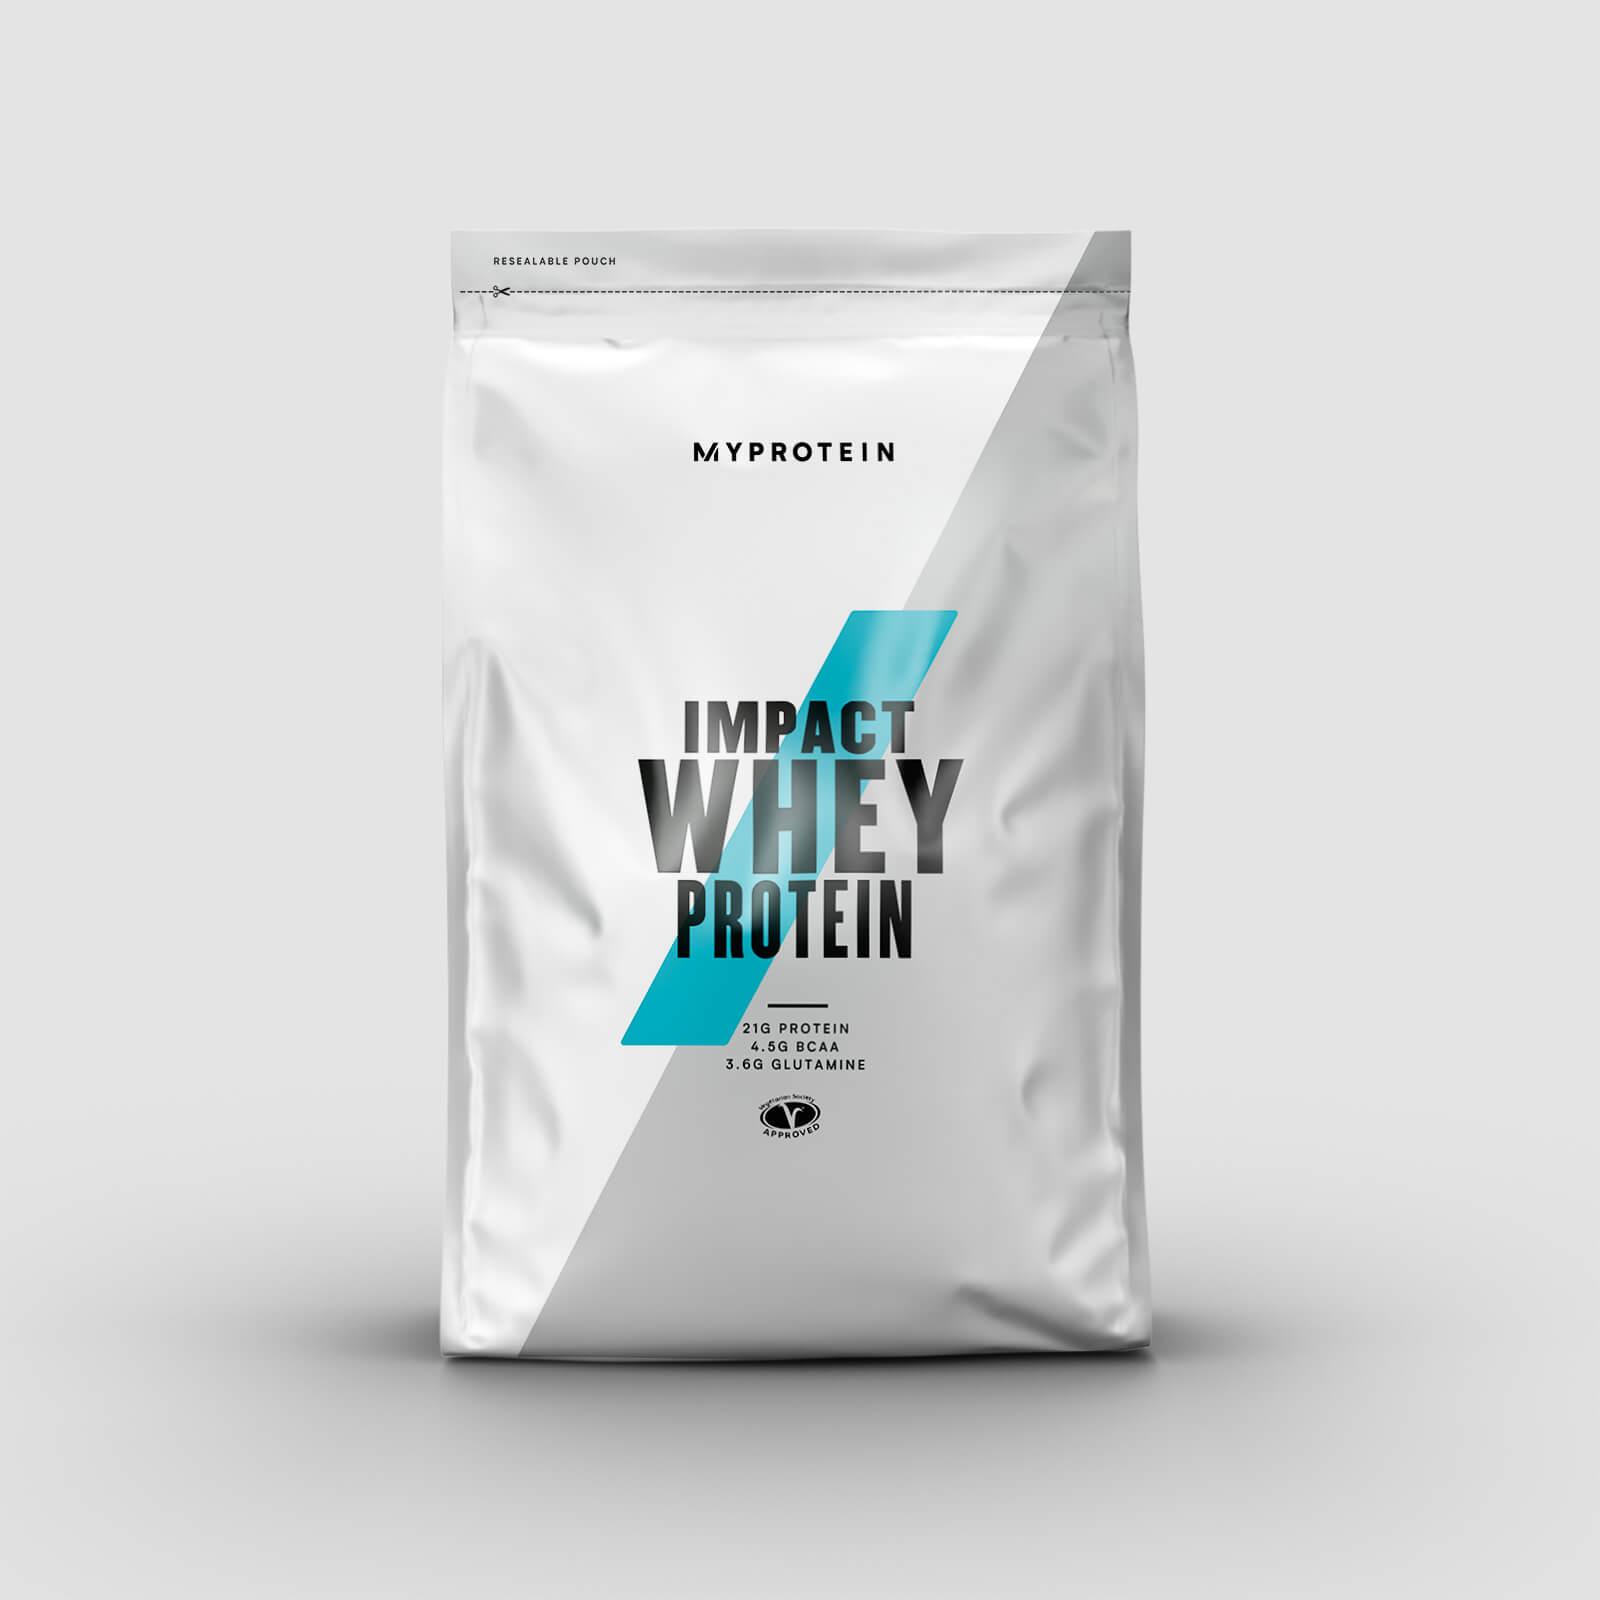 Myprotein Impact Whey Protein - 2.5kg - Vanille Naturelle